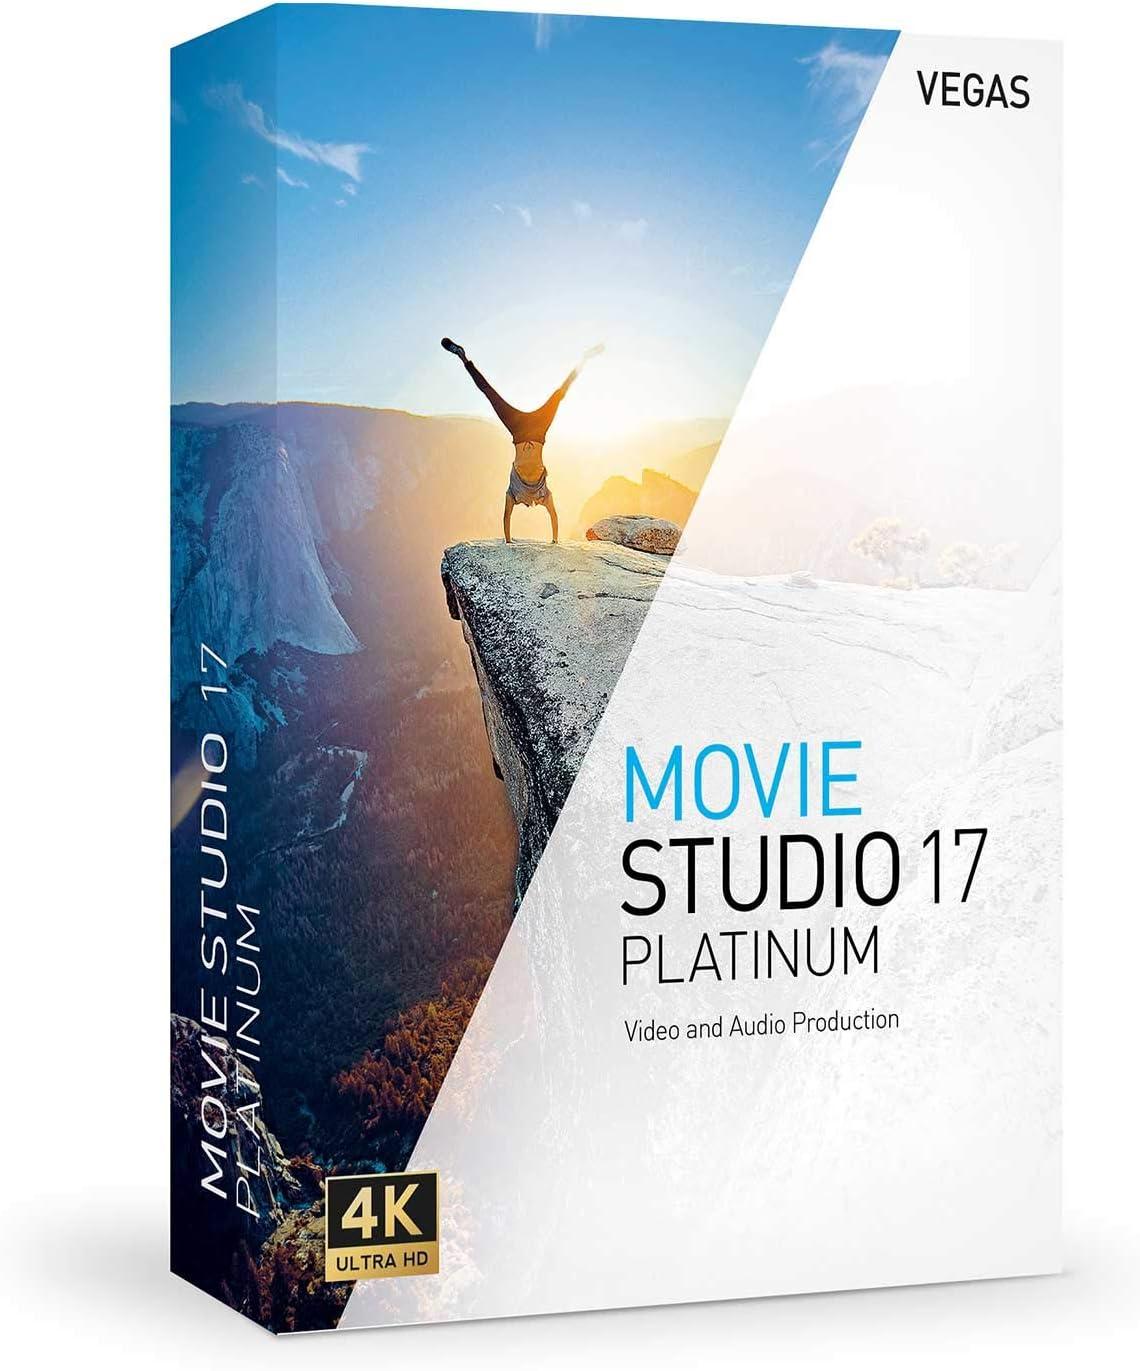 VEGAS Movie Studio 17 Platinum Discount Coupon Code